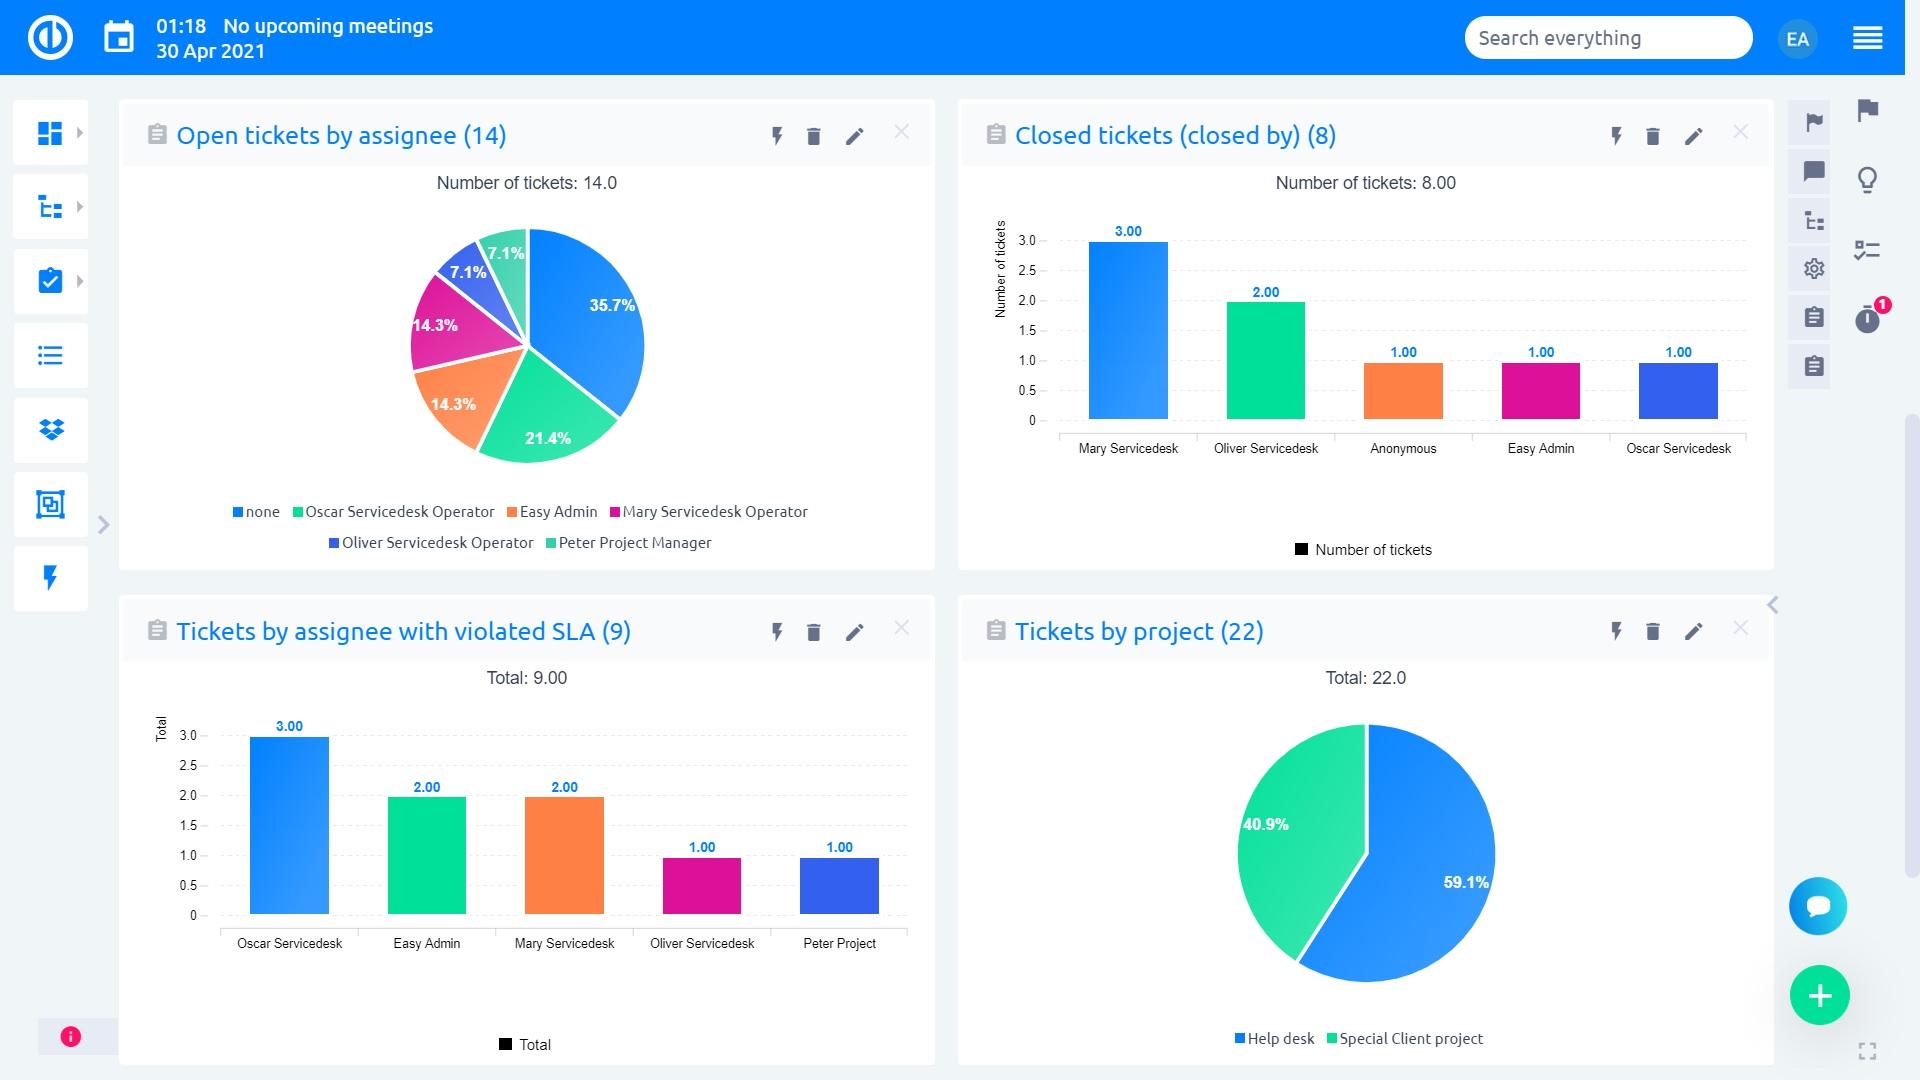 쉬운 프로젝트 – 헬프 데스크 통계